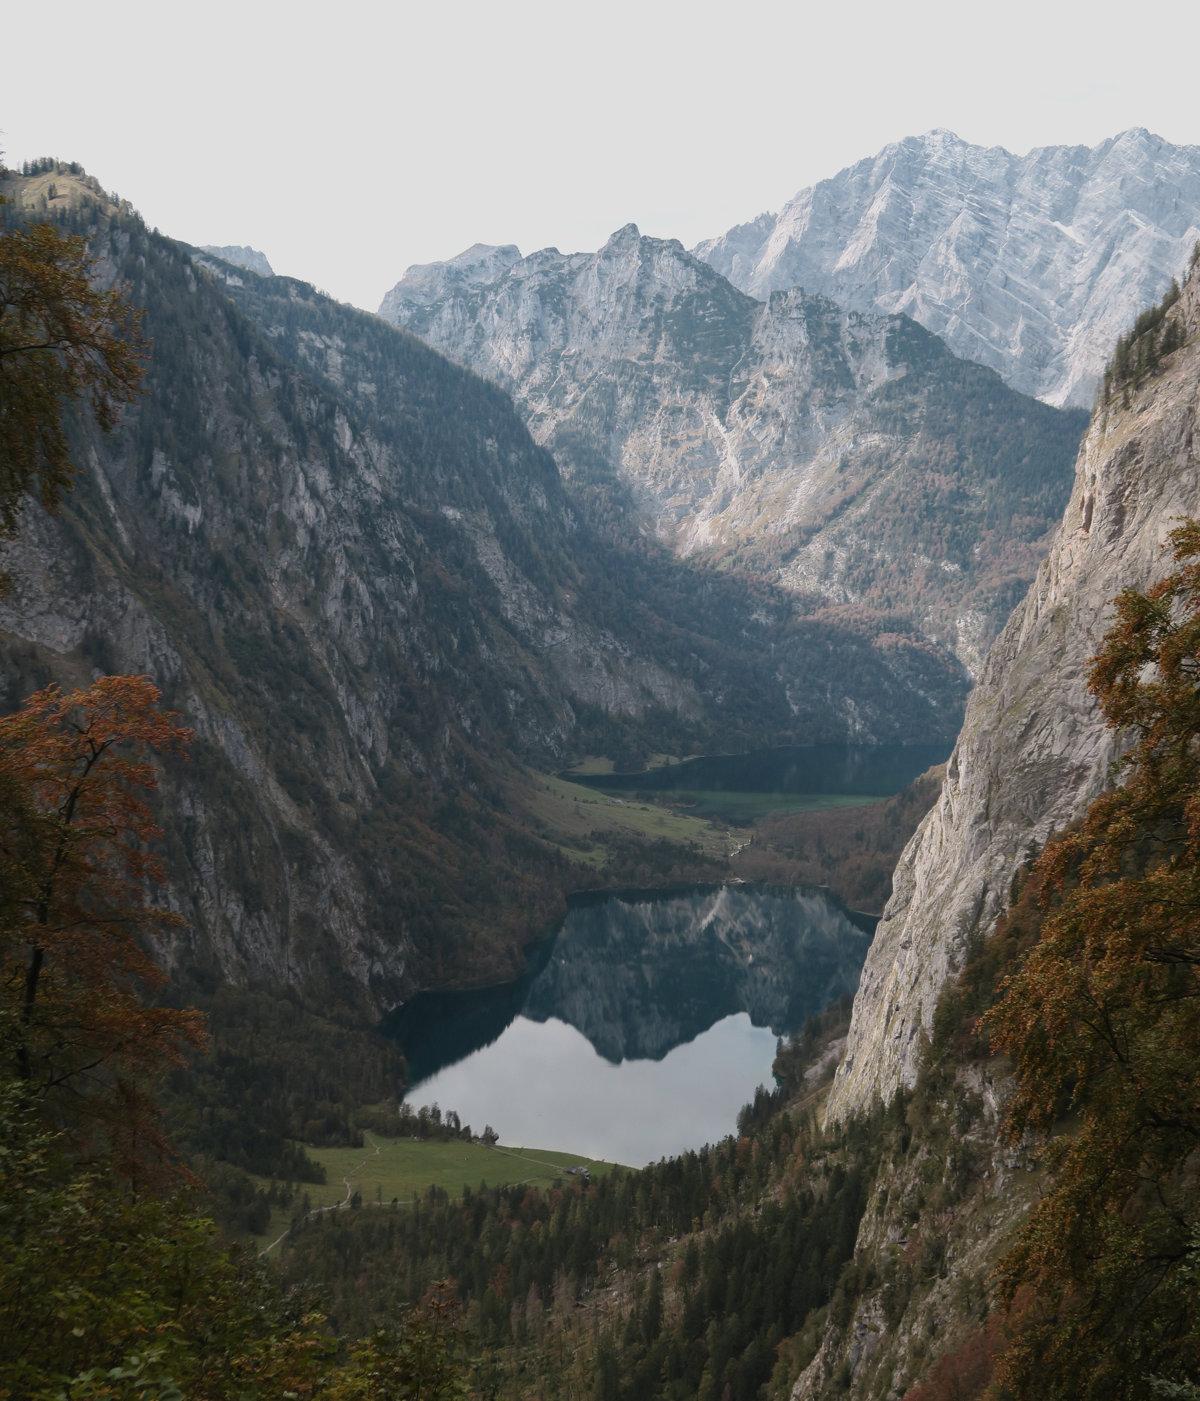 Der schönste Ausblick auf der Hüttentour am Königssee: Obersee, Königssee, Watzmann